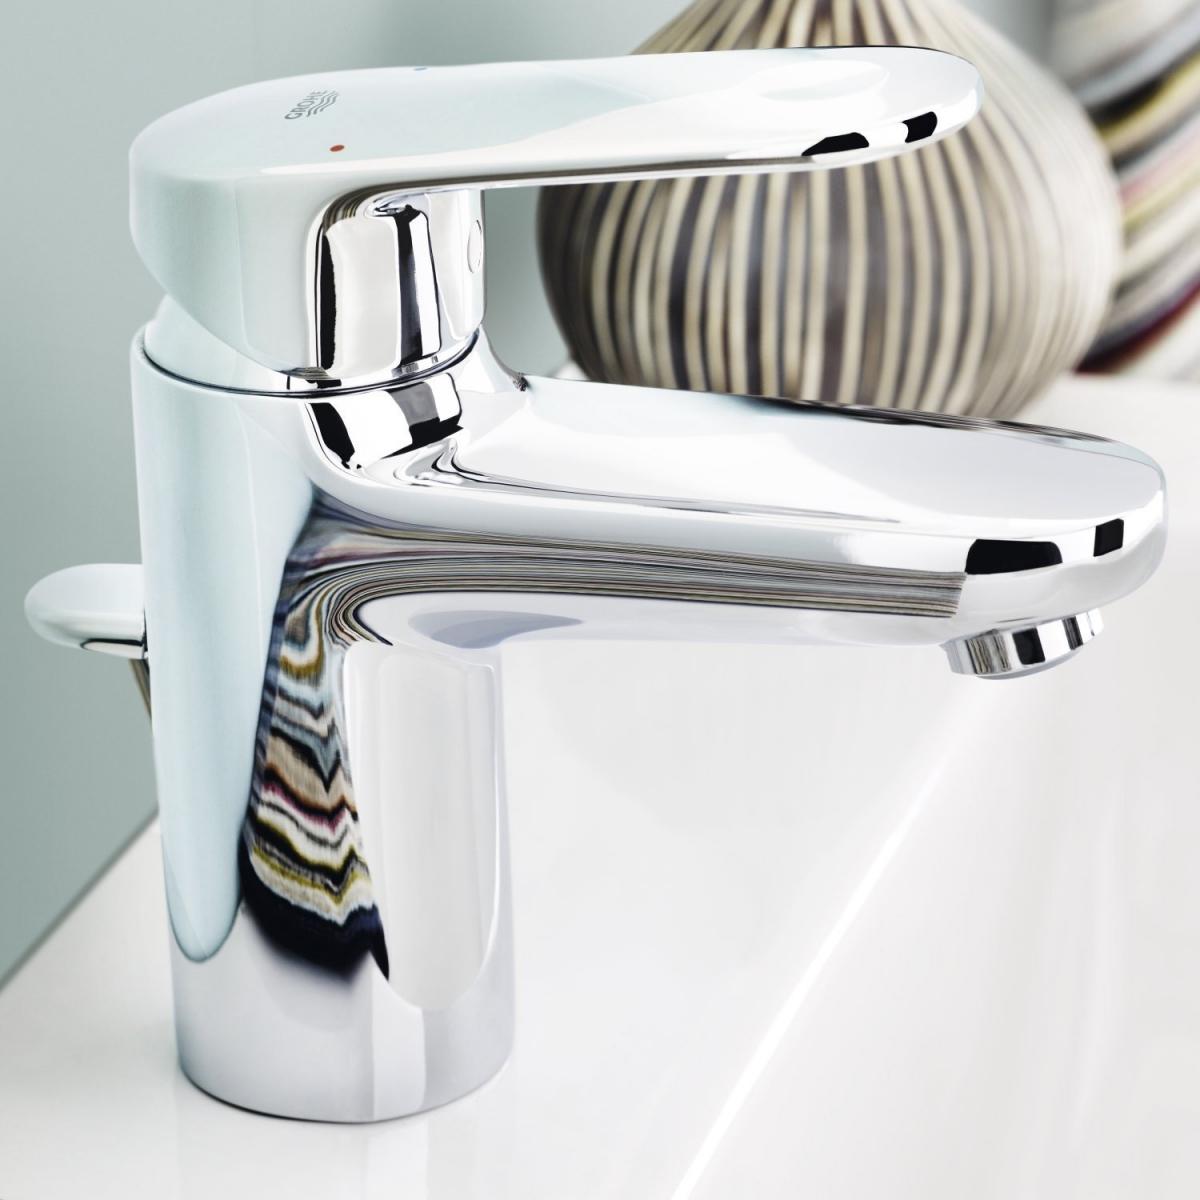 mitigeur lavabo europlus grohe induscabel salle de. Black Bedroom Furniture Sets. Home Design Ideas